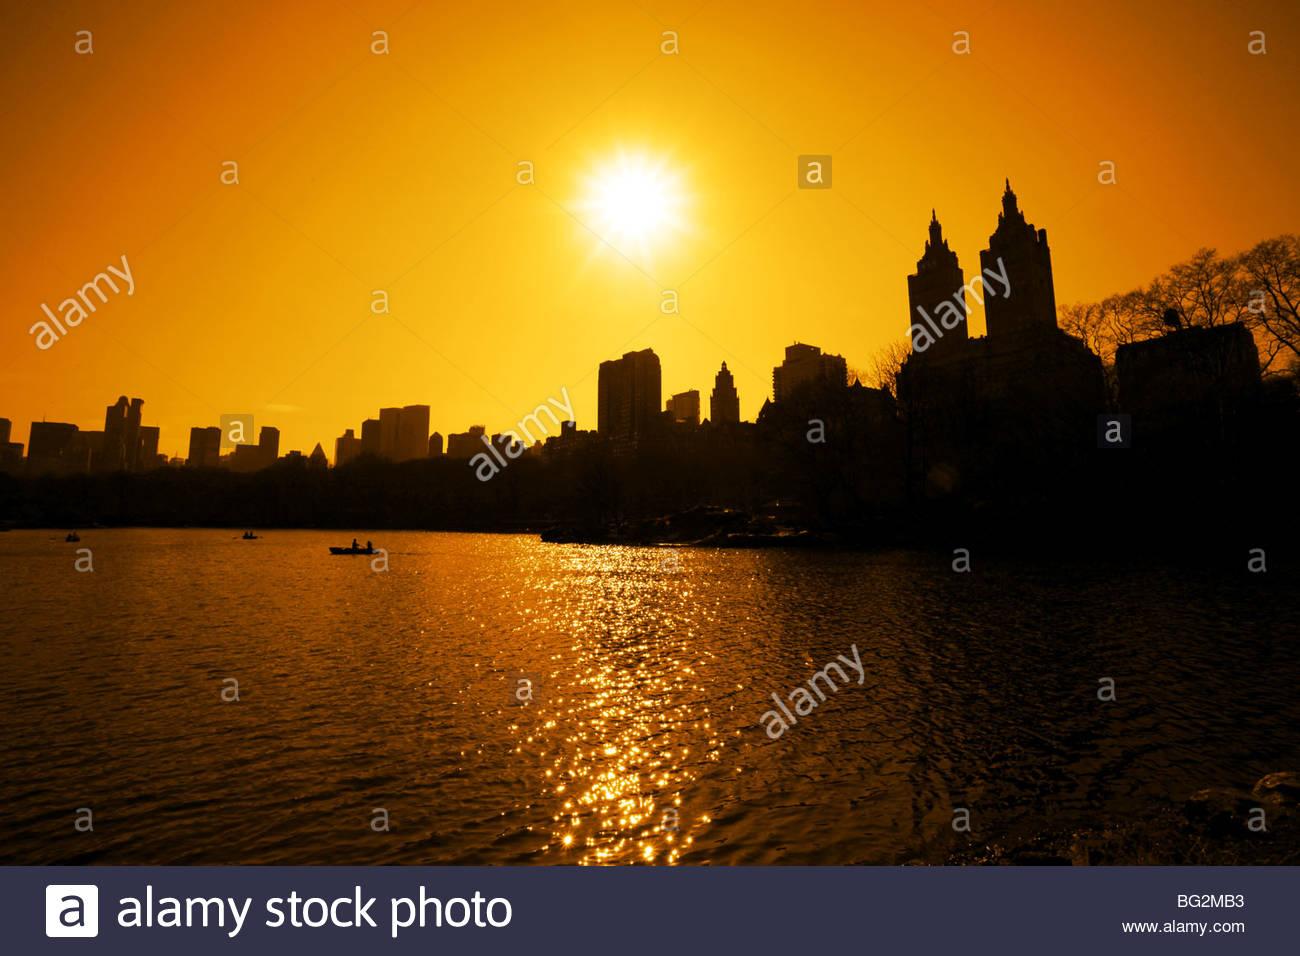 Sonnenuntergang über dem See im Central park Stockbild